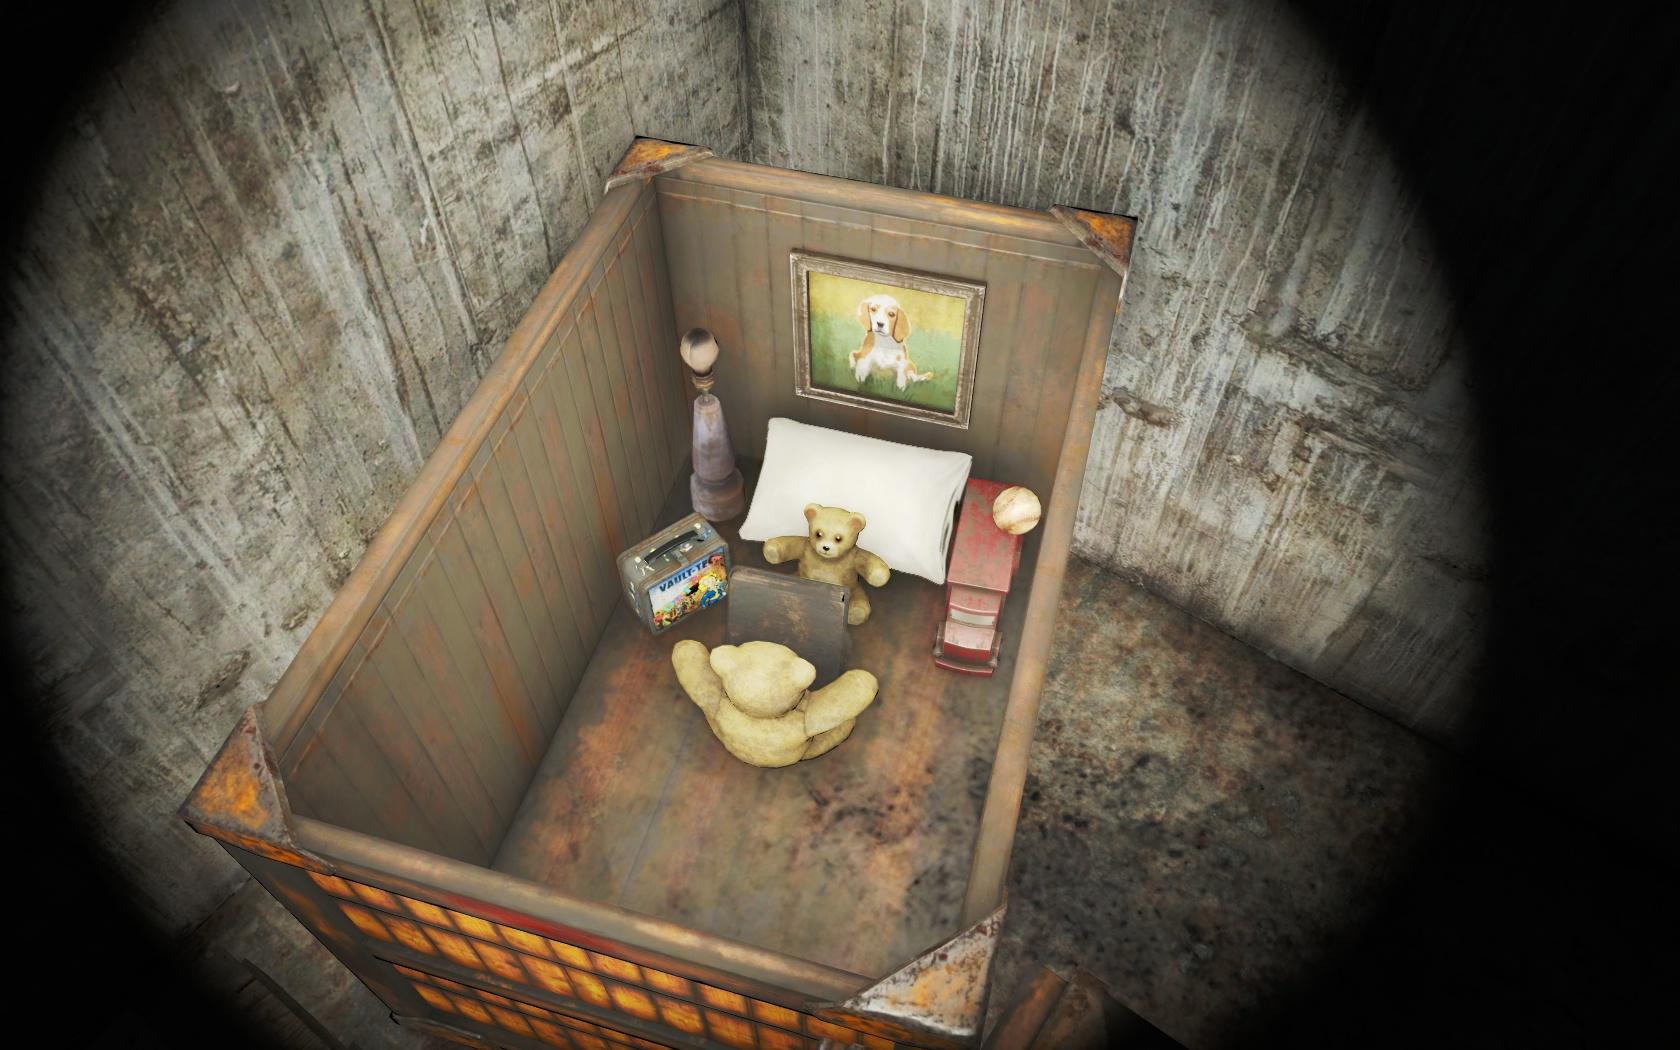 Семейная идиллия (Спутниковая антенна базы Форт-Хаген) v2 - Fallout 4 антенна, Спутниковая антенна базы Форт-Хаген, Форт-Хаген